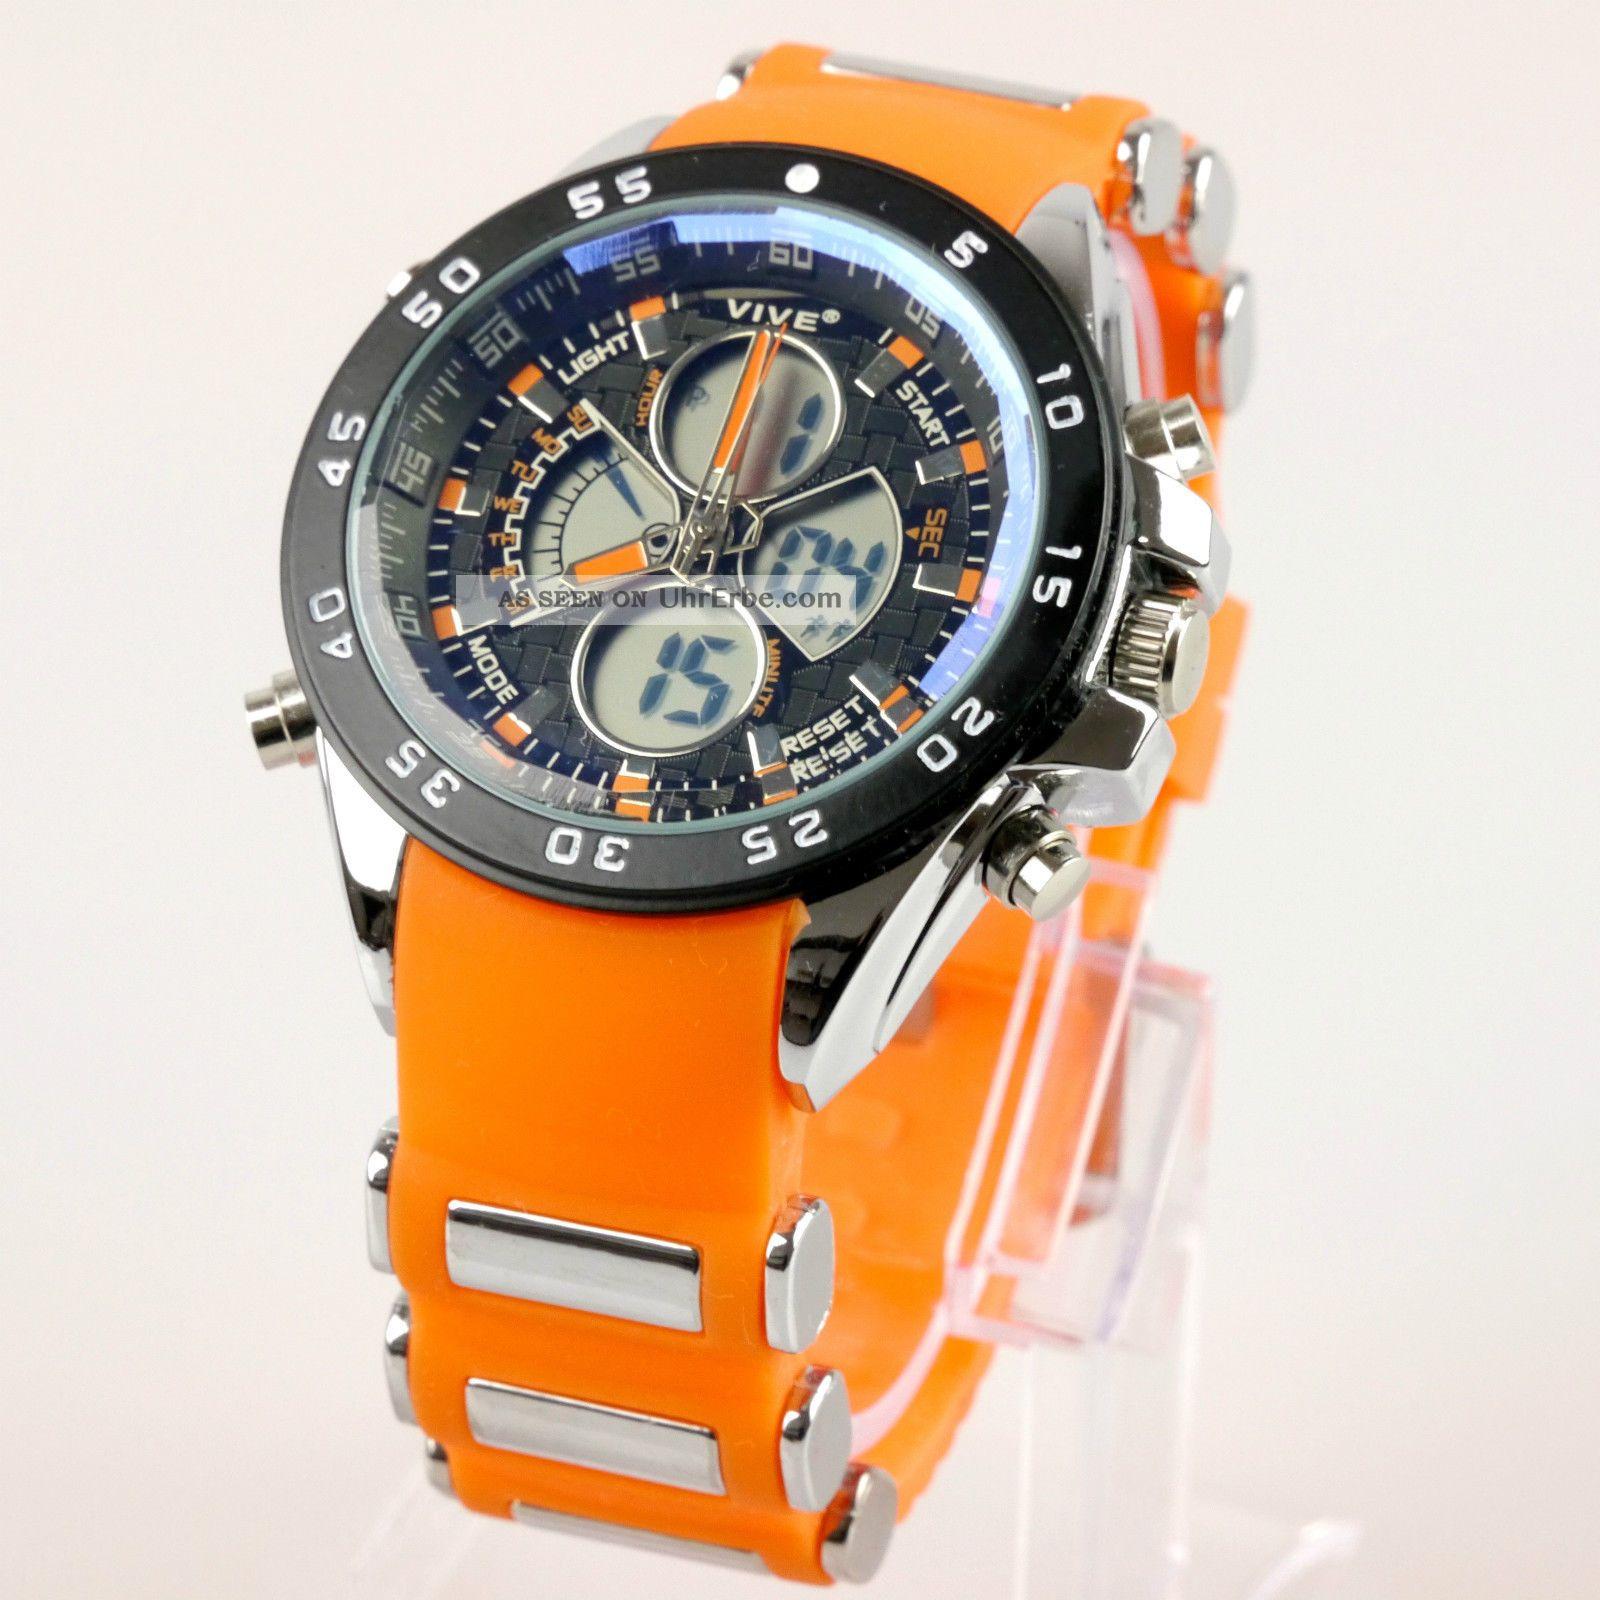 herren vive armband uhr silikonband orange watch analog. Black Bedroom Furniture Sets. Home Design Ideas